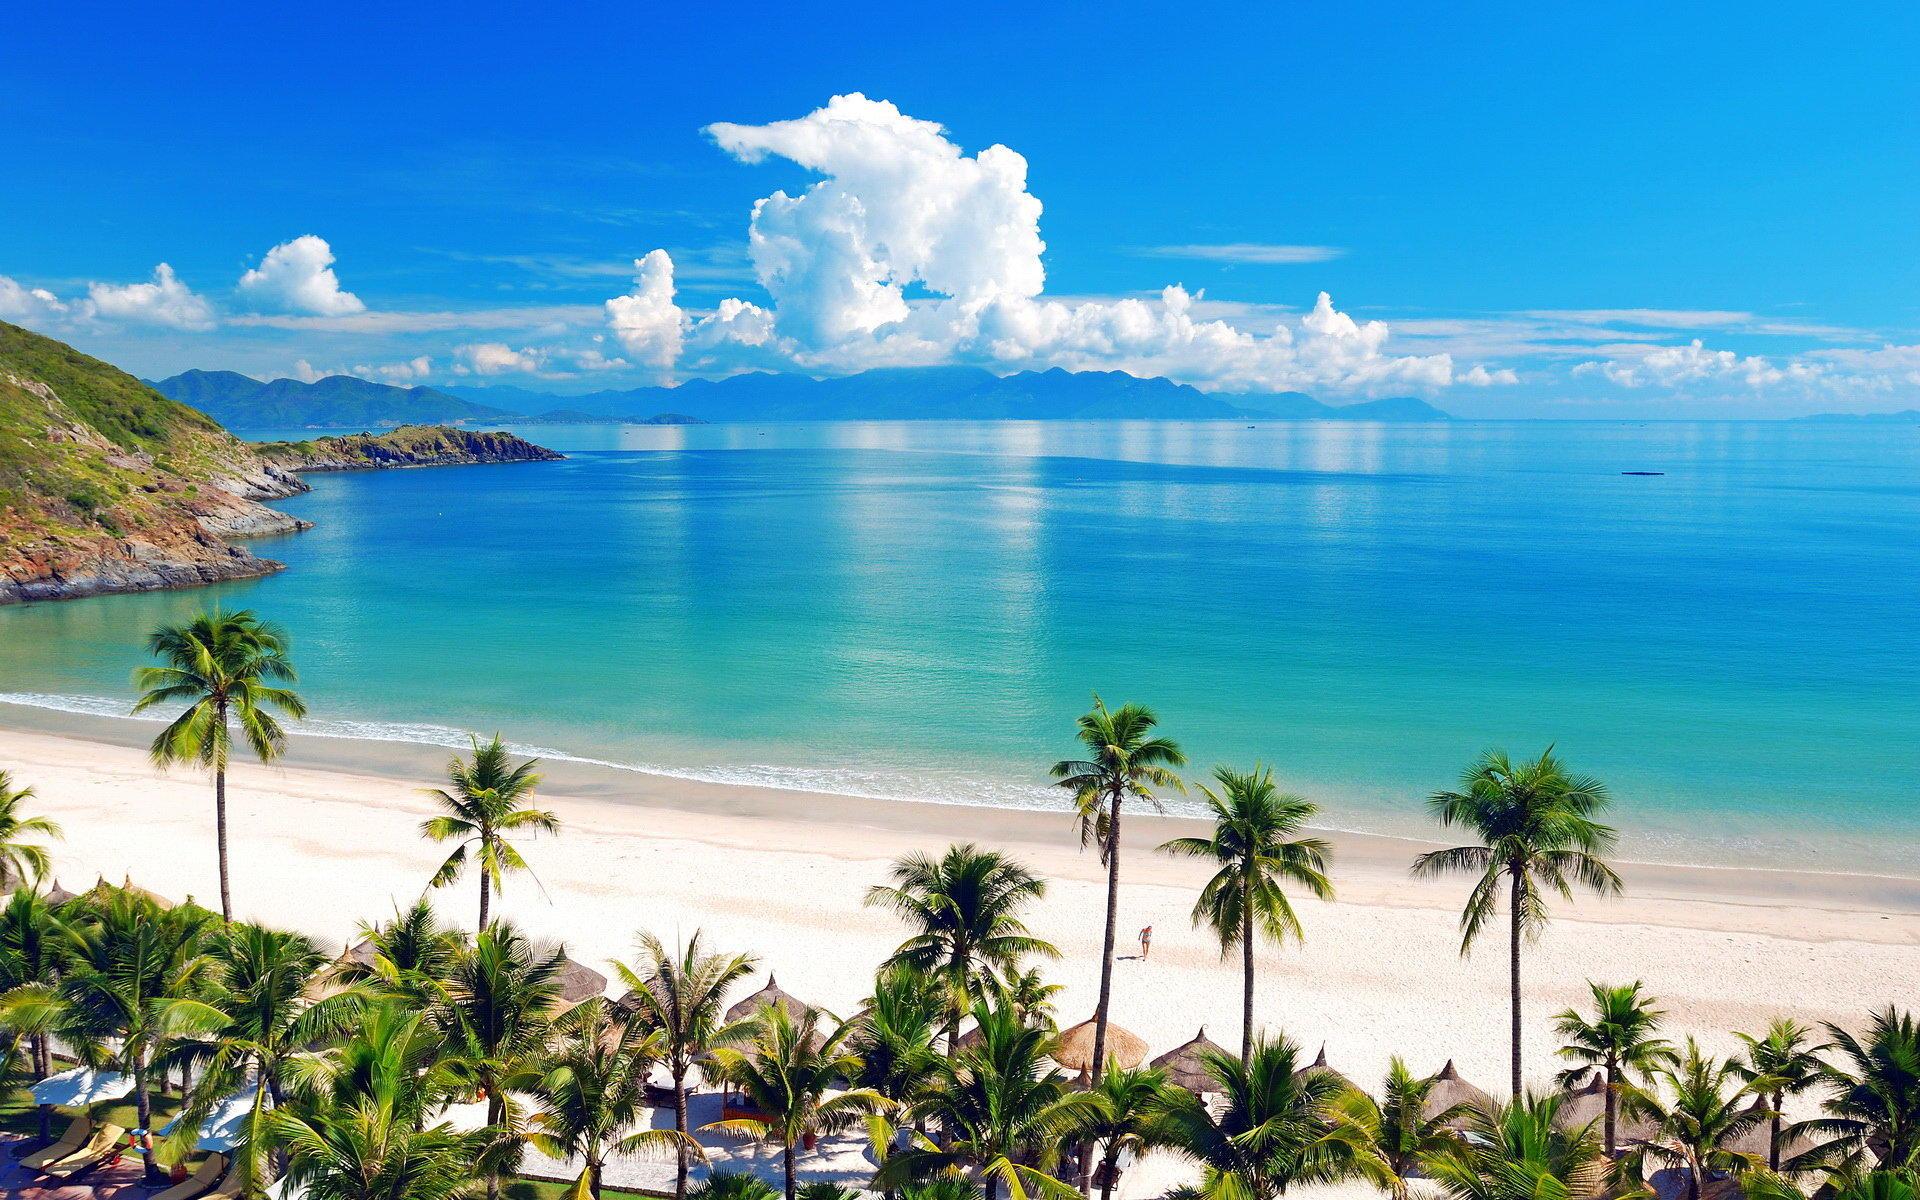 马尔代夫_马尔代夫风景摄影图_东南亚南亚景观_自然风